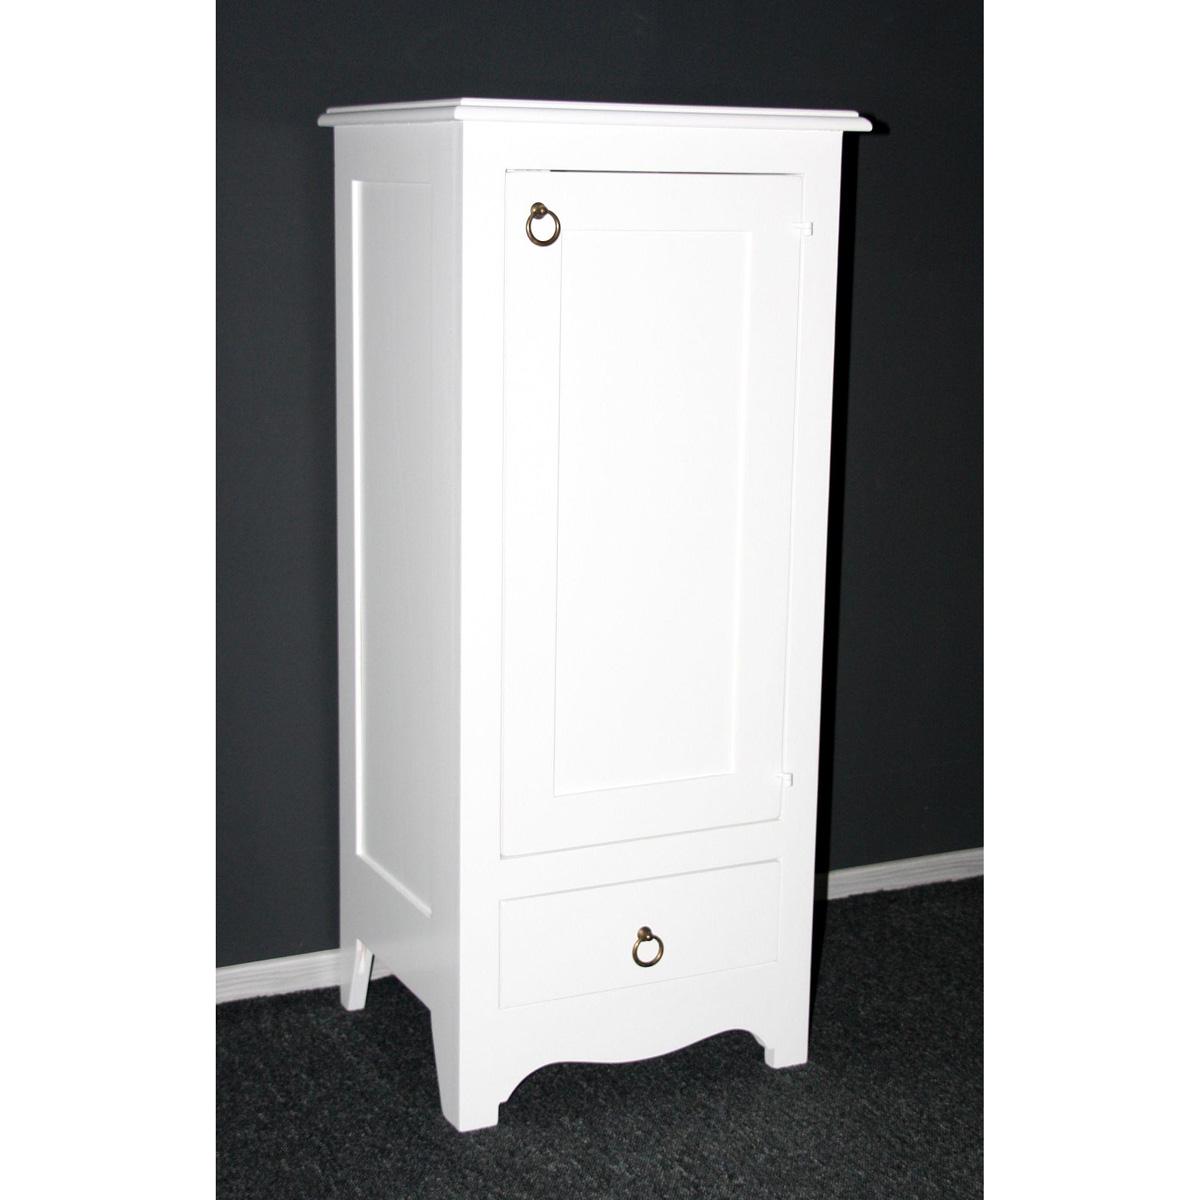 programm venezia casa de mobila. Black Bedroom Furniture Sets. Home Design Ideas